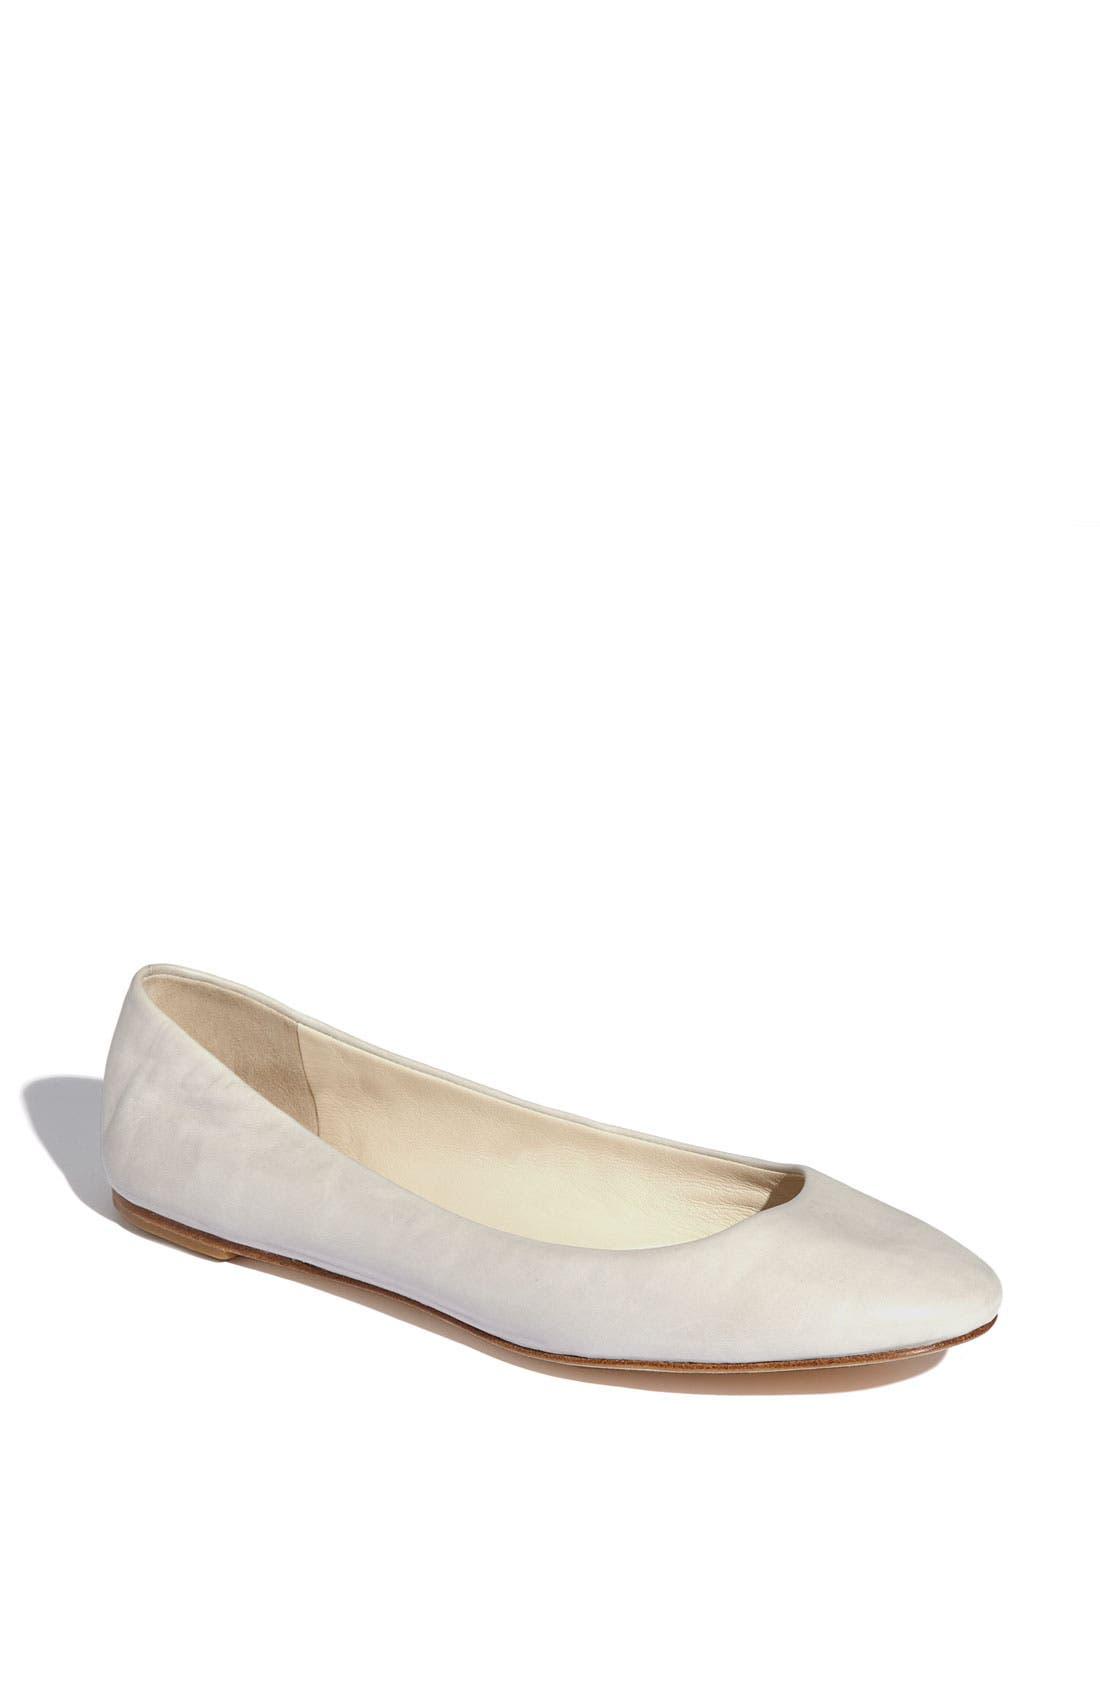 Main Image - Vera Wang Footwear 'Lara' Flat